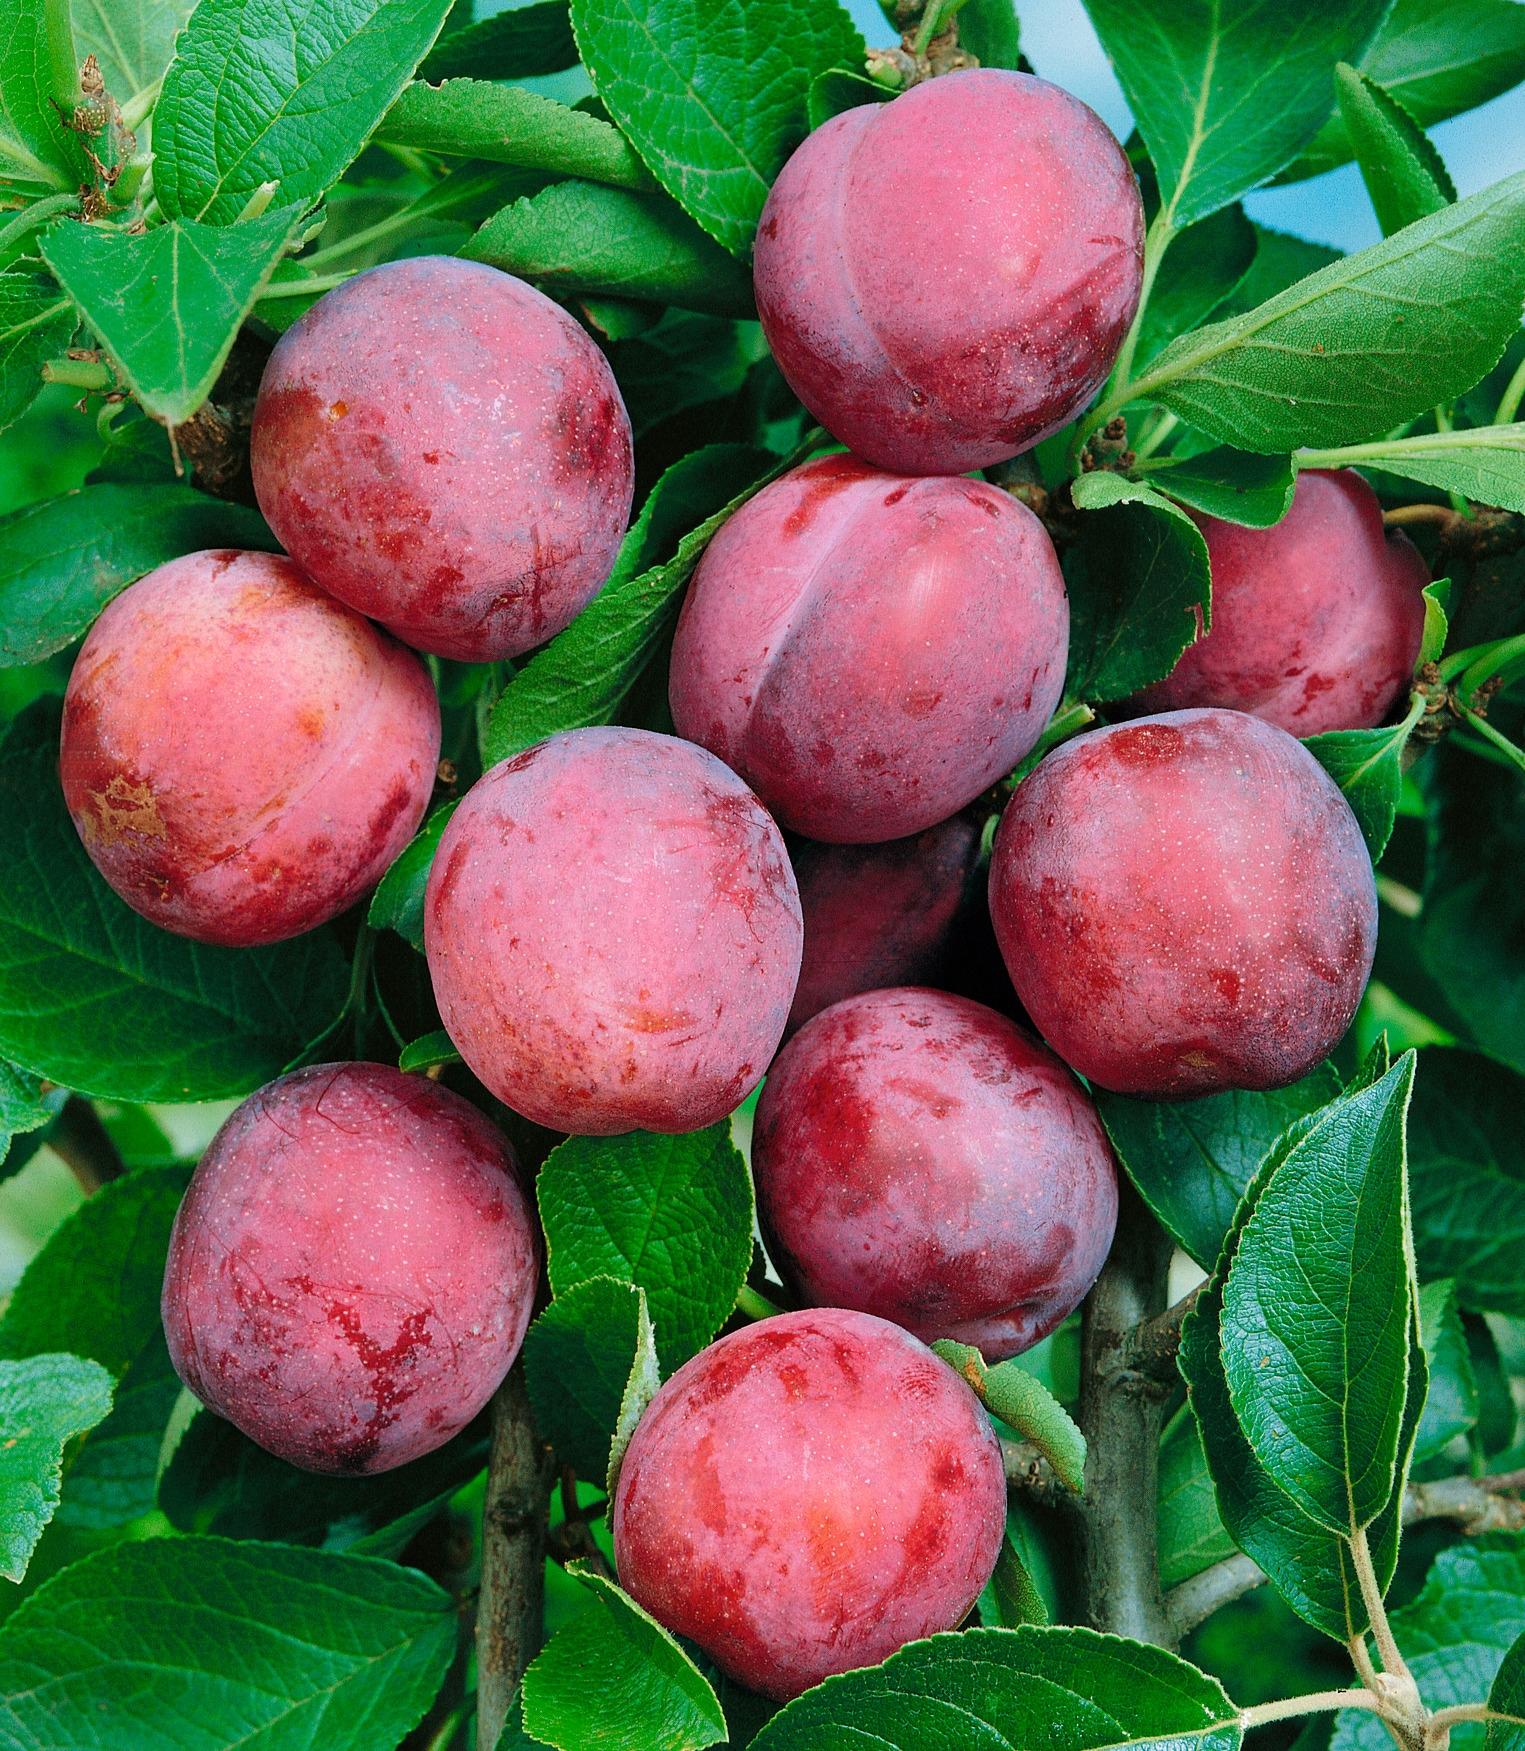 BCM Obstbaum Pflaume Viktoria rosa Obst Pflanzen Garten Balkon